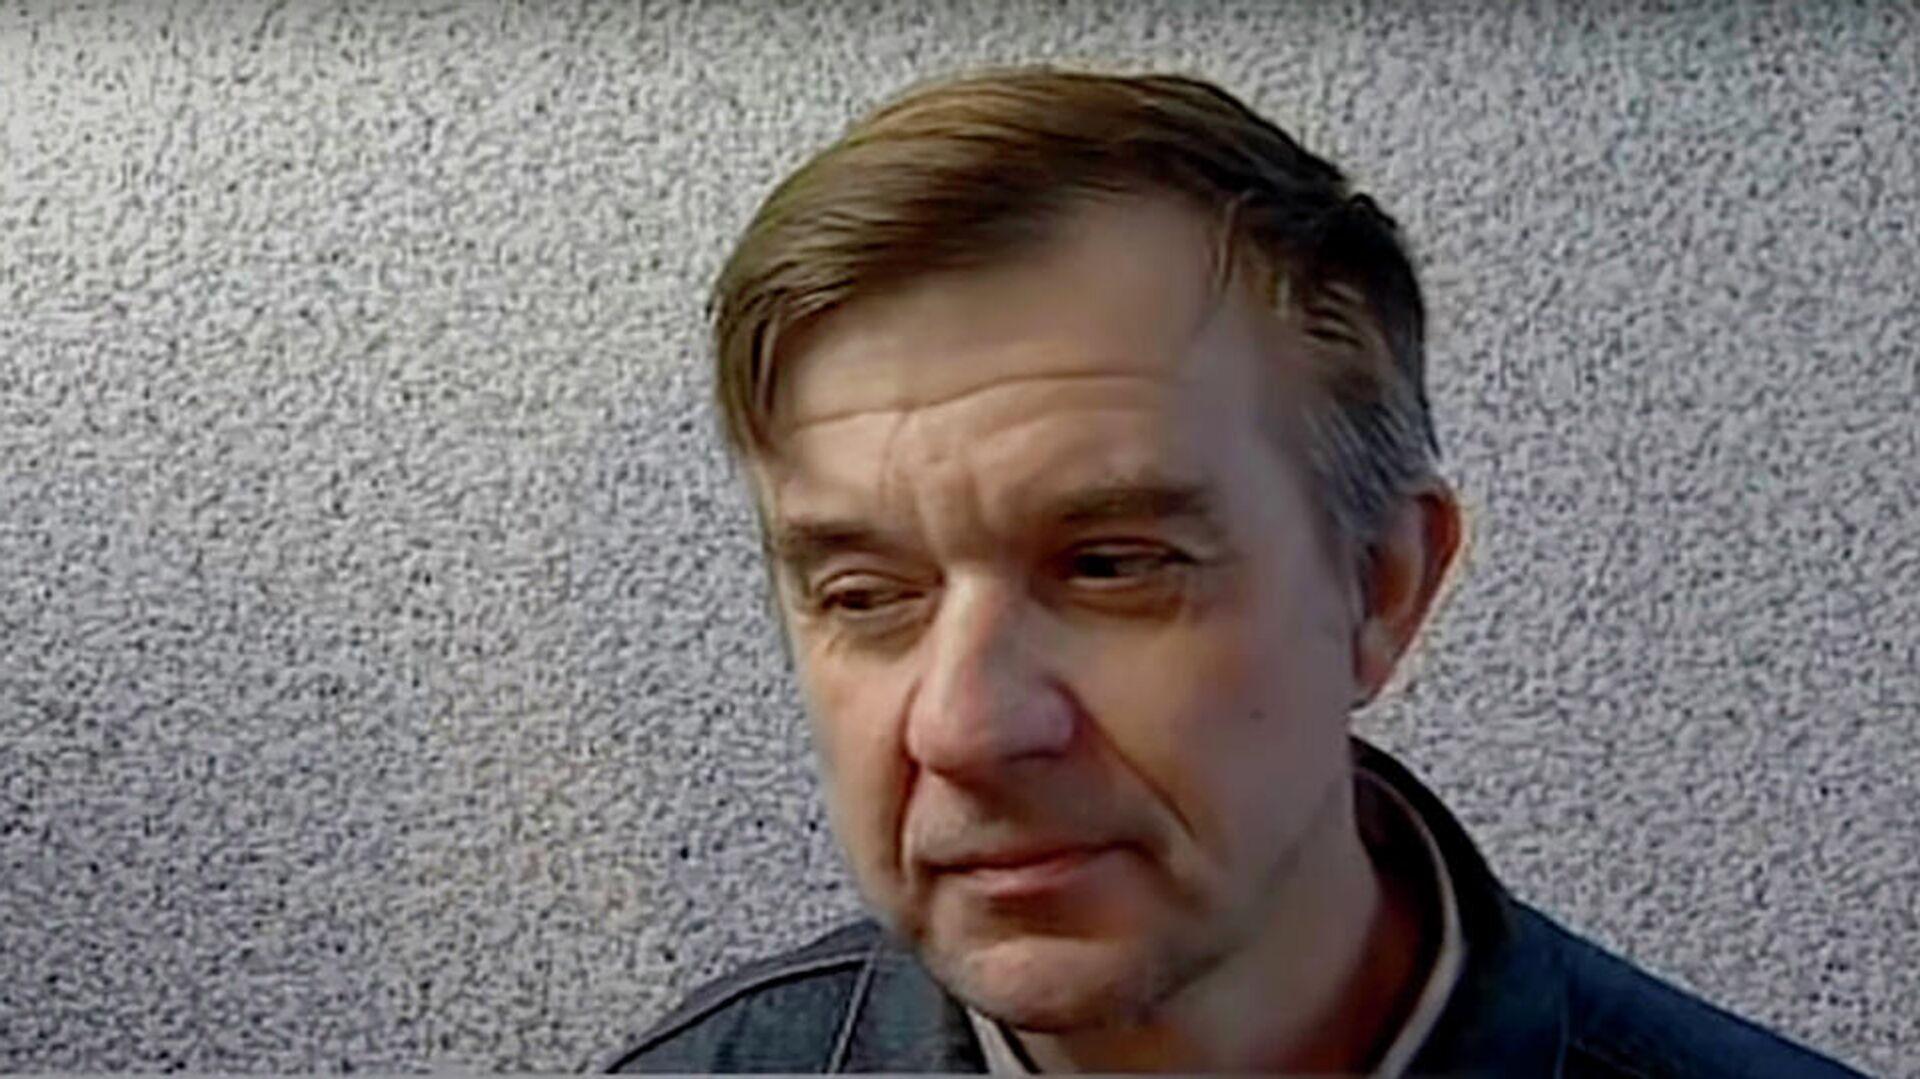 """СК проверит заявления из интервью со """"скопинским маньяком"""""""